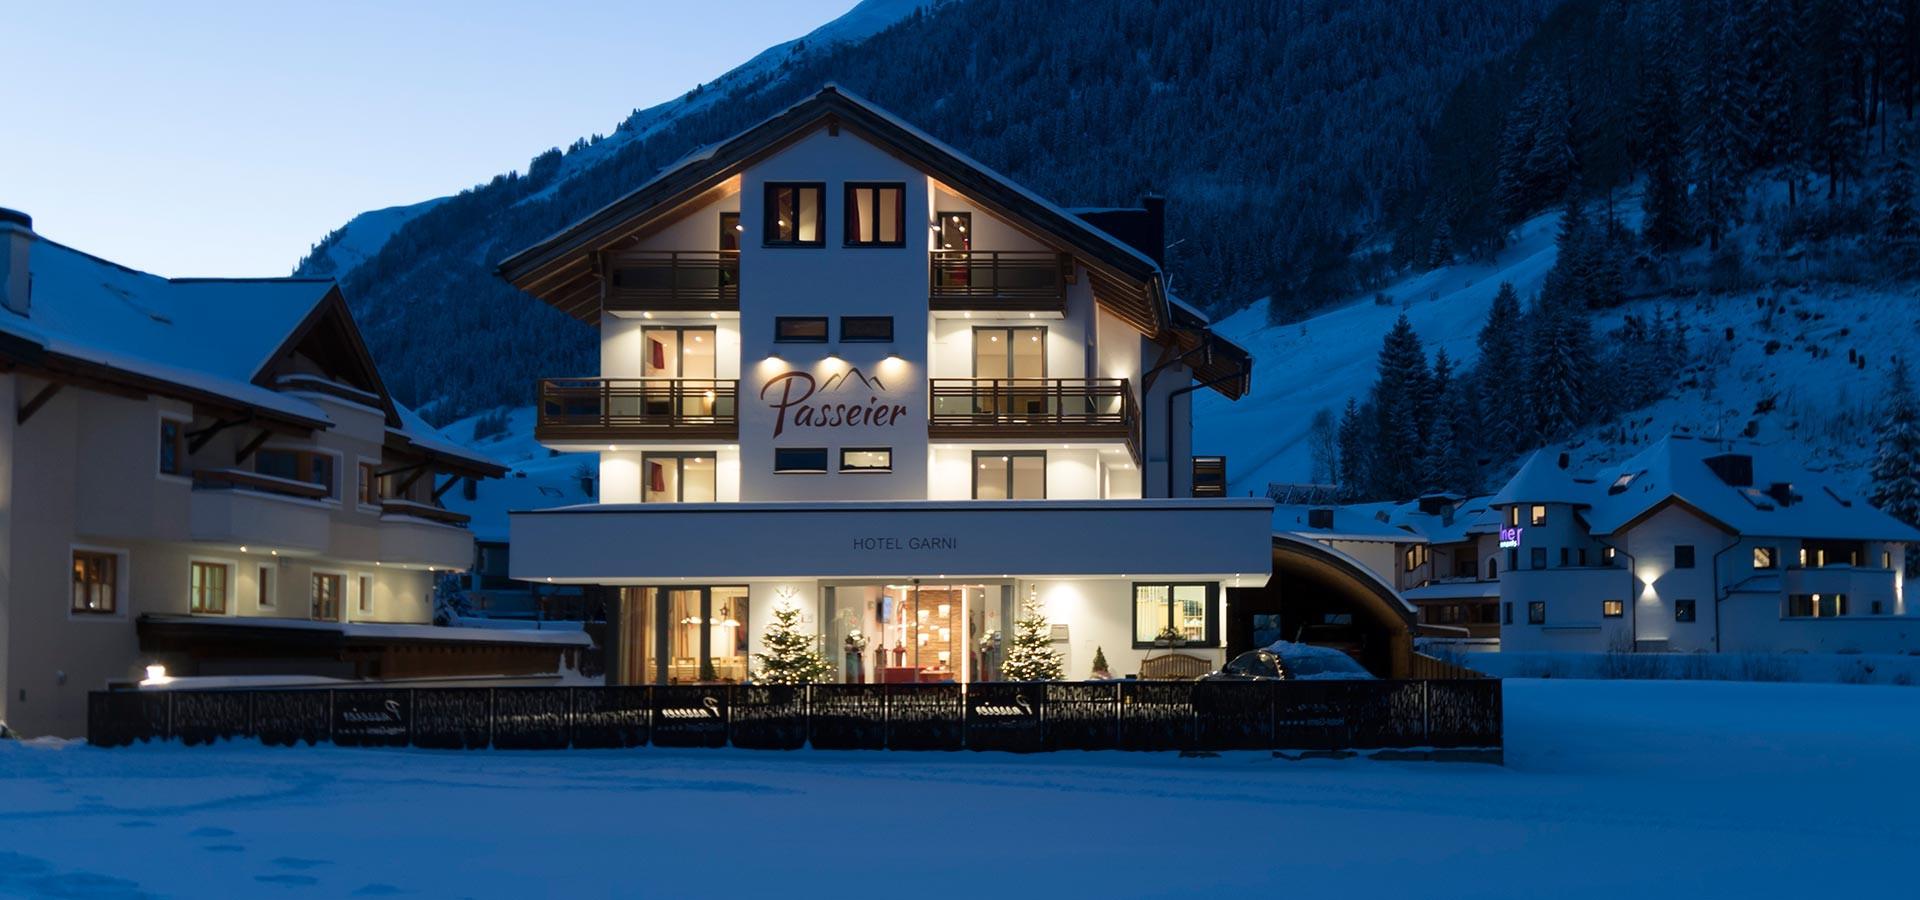 Herzlich Willkommen im Hotel Garni Passeier in Ischgl